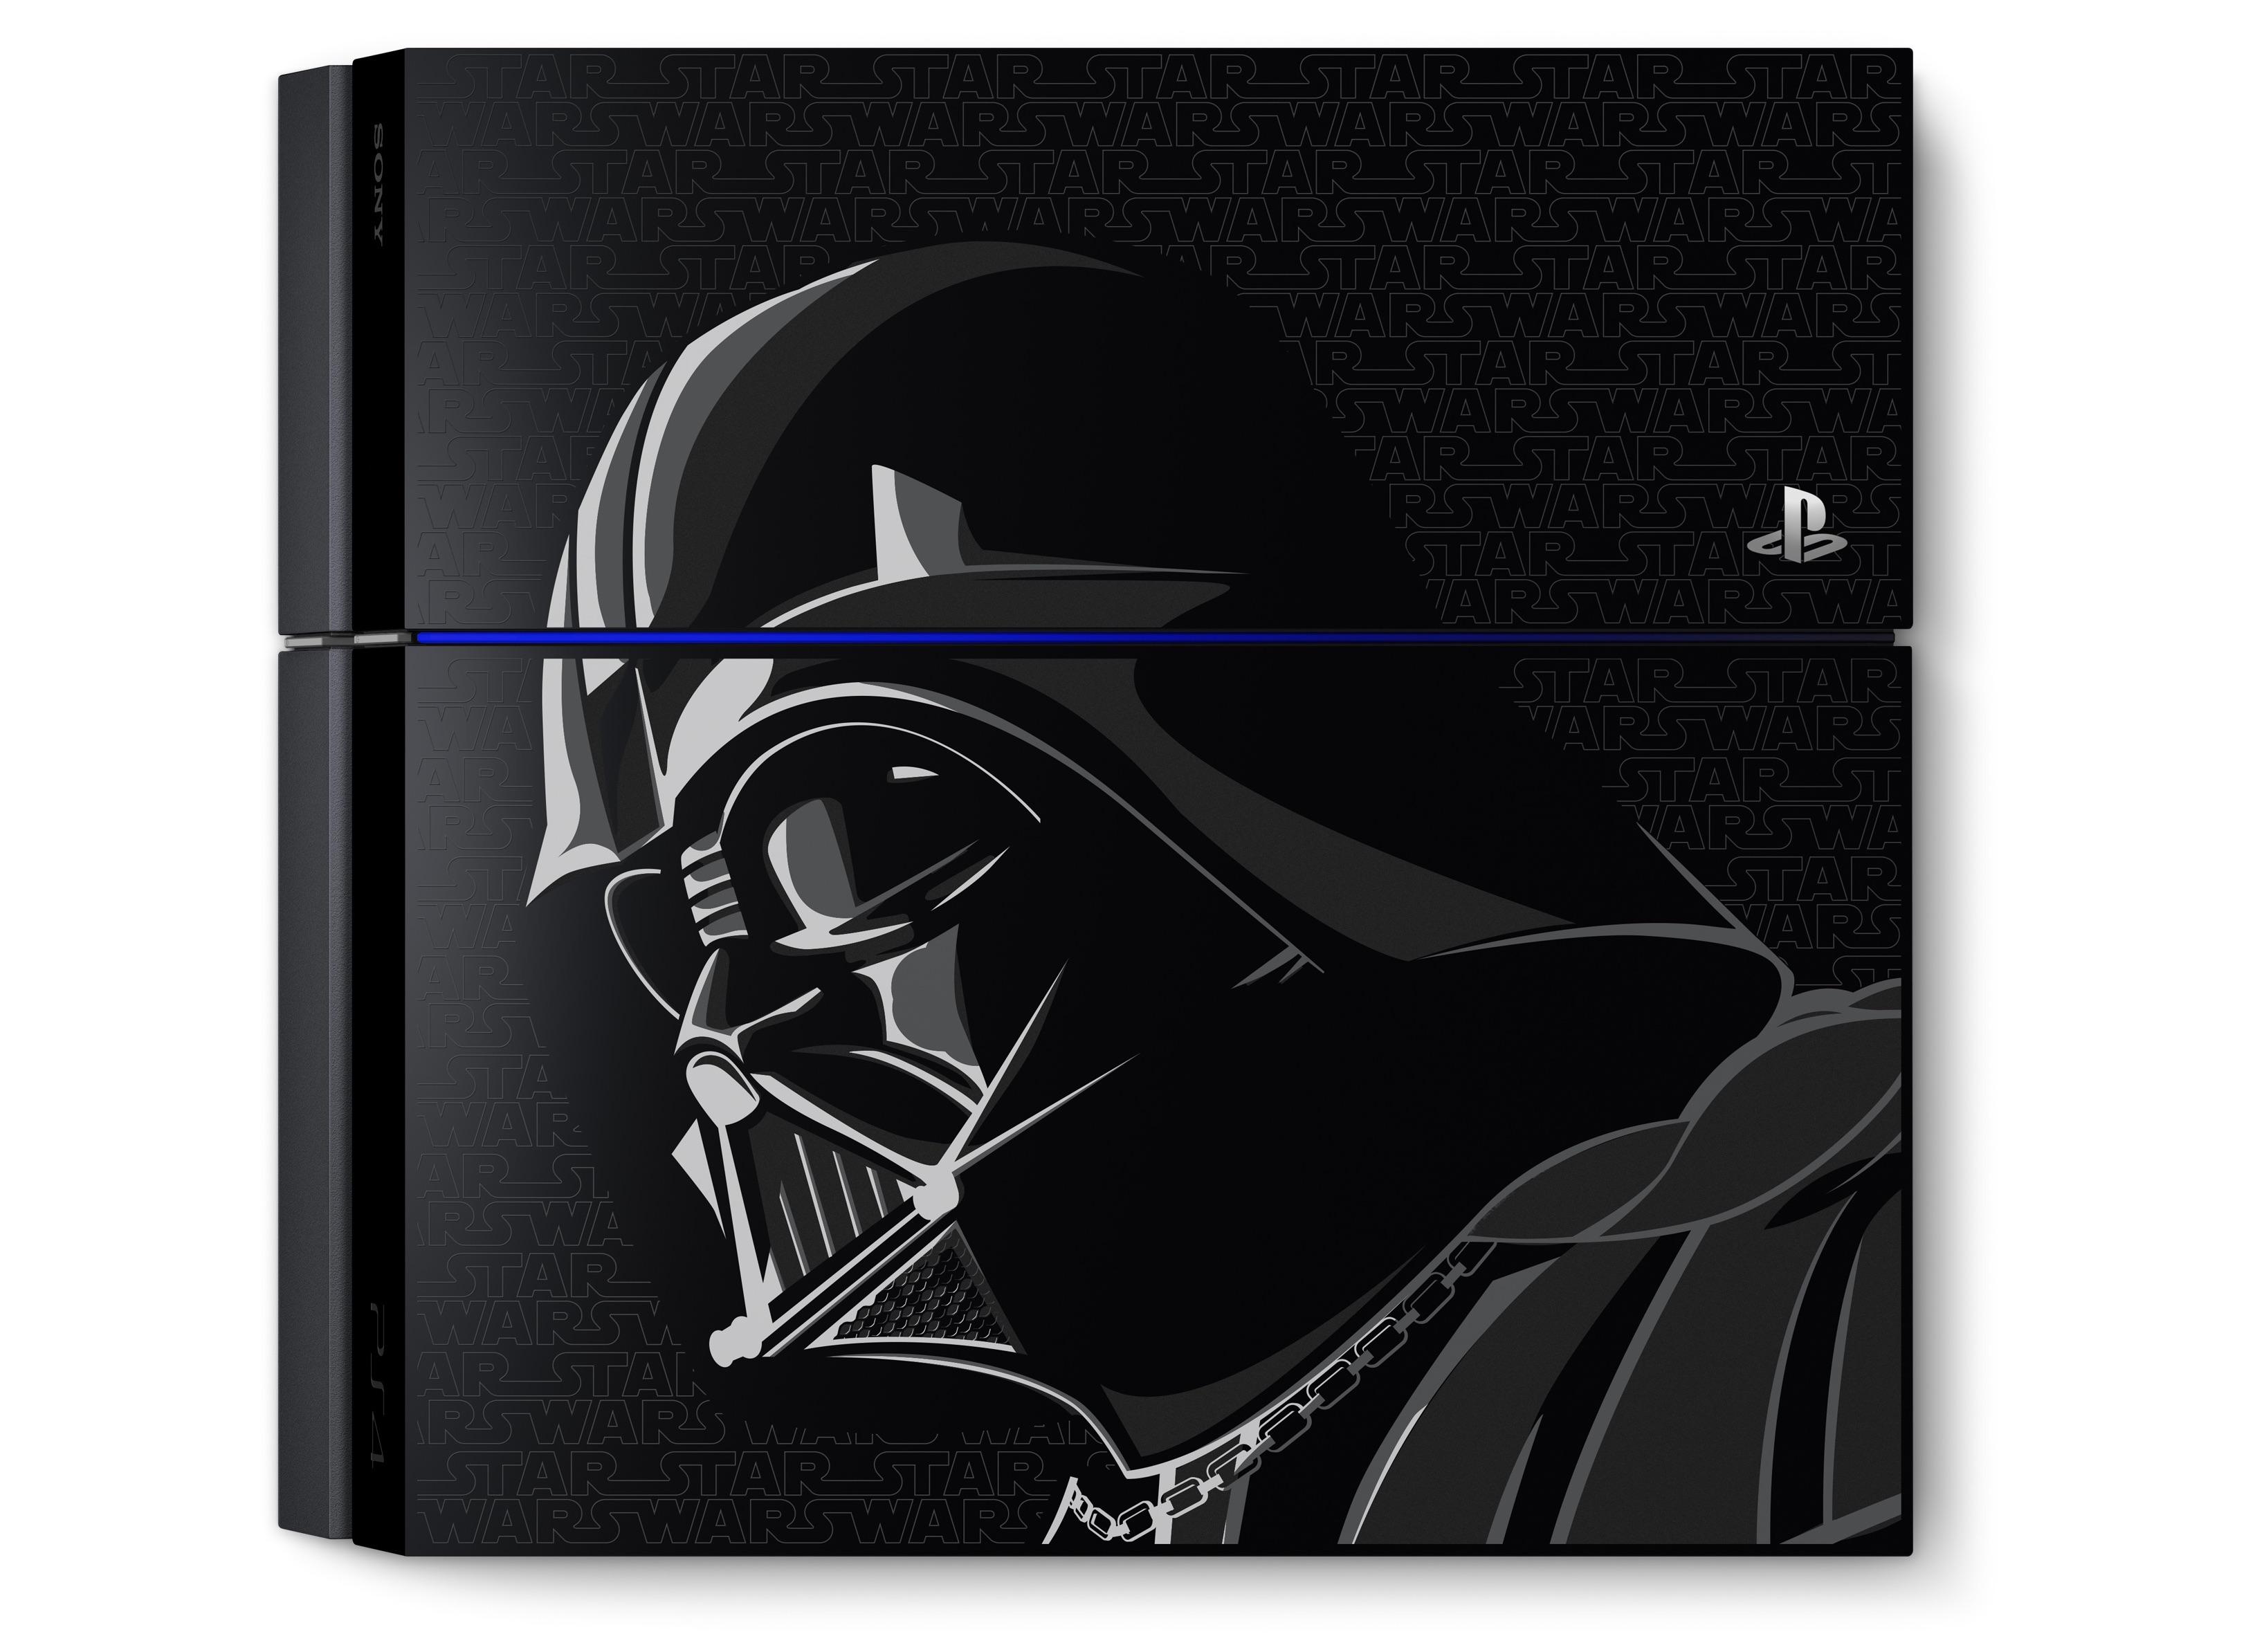 PS4_StarWarsBattlefront_13 copy